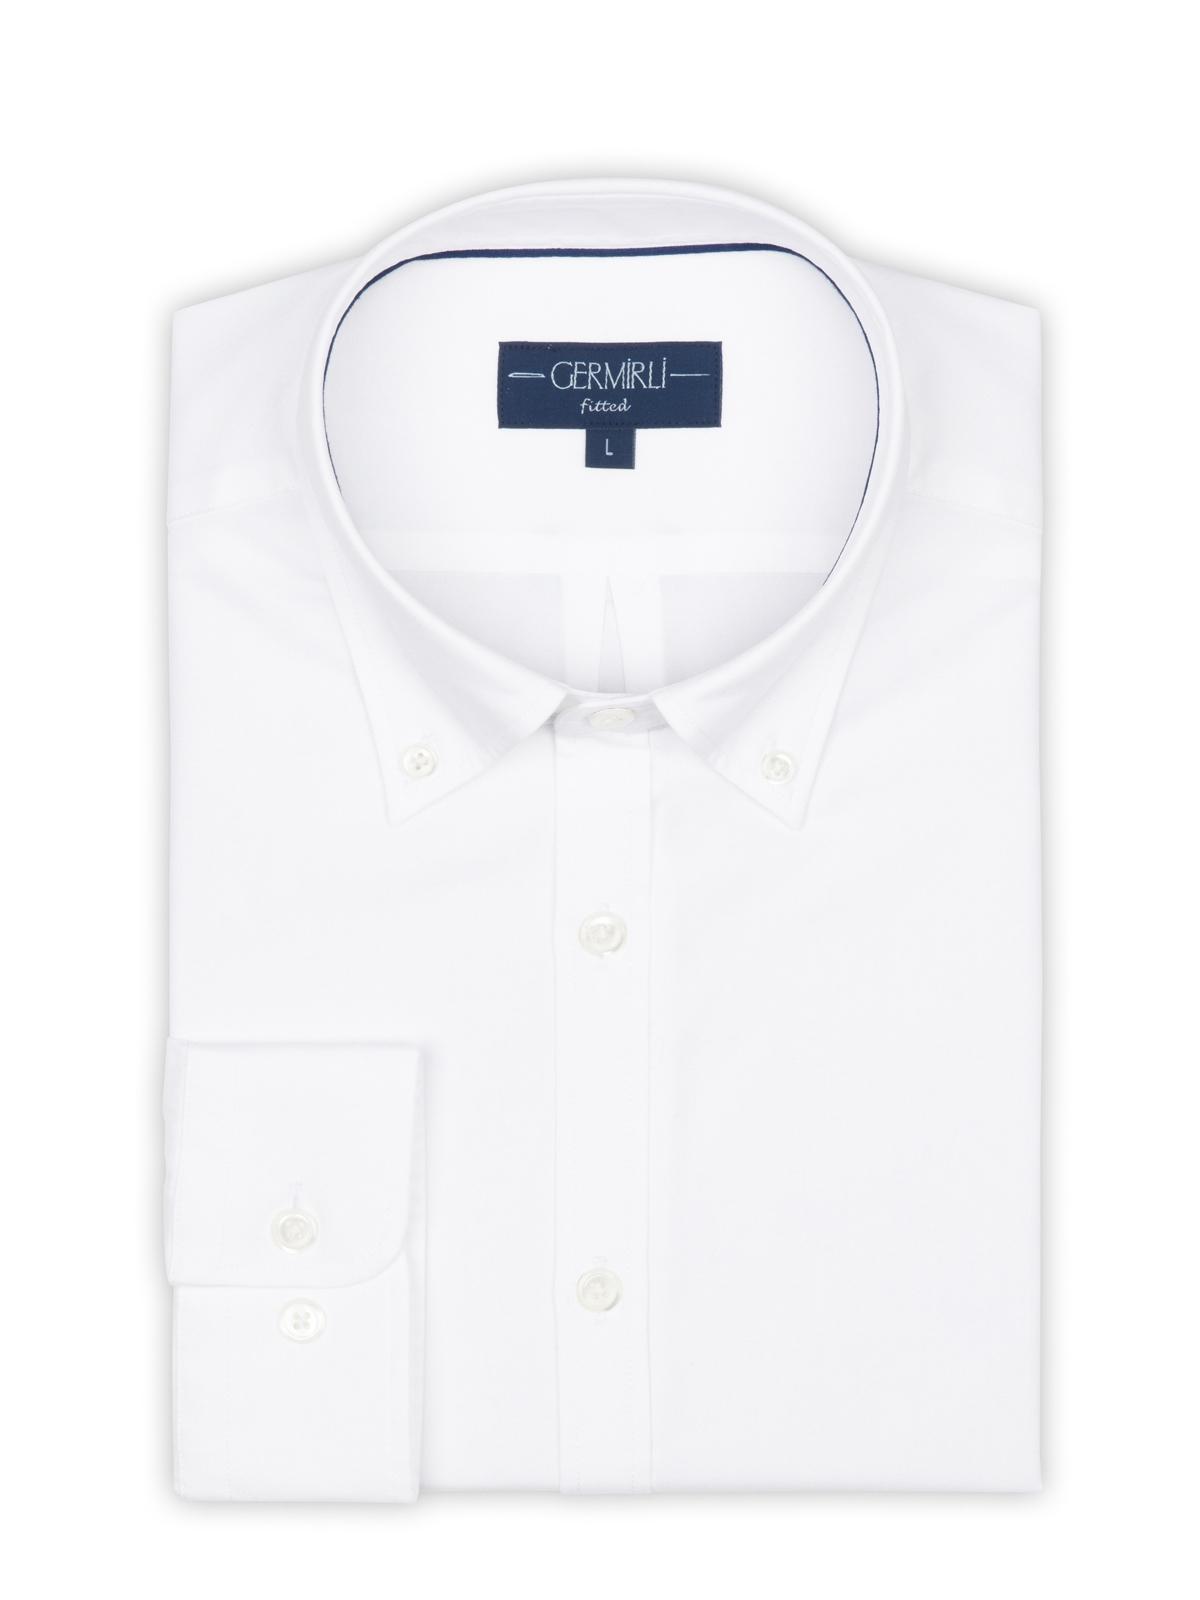 Germirli Beyaz Panama Dokulu Düğmeli Yaka Tailor Fit Gömlek